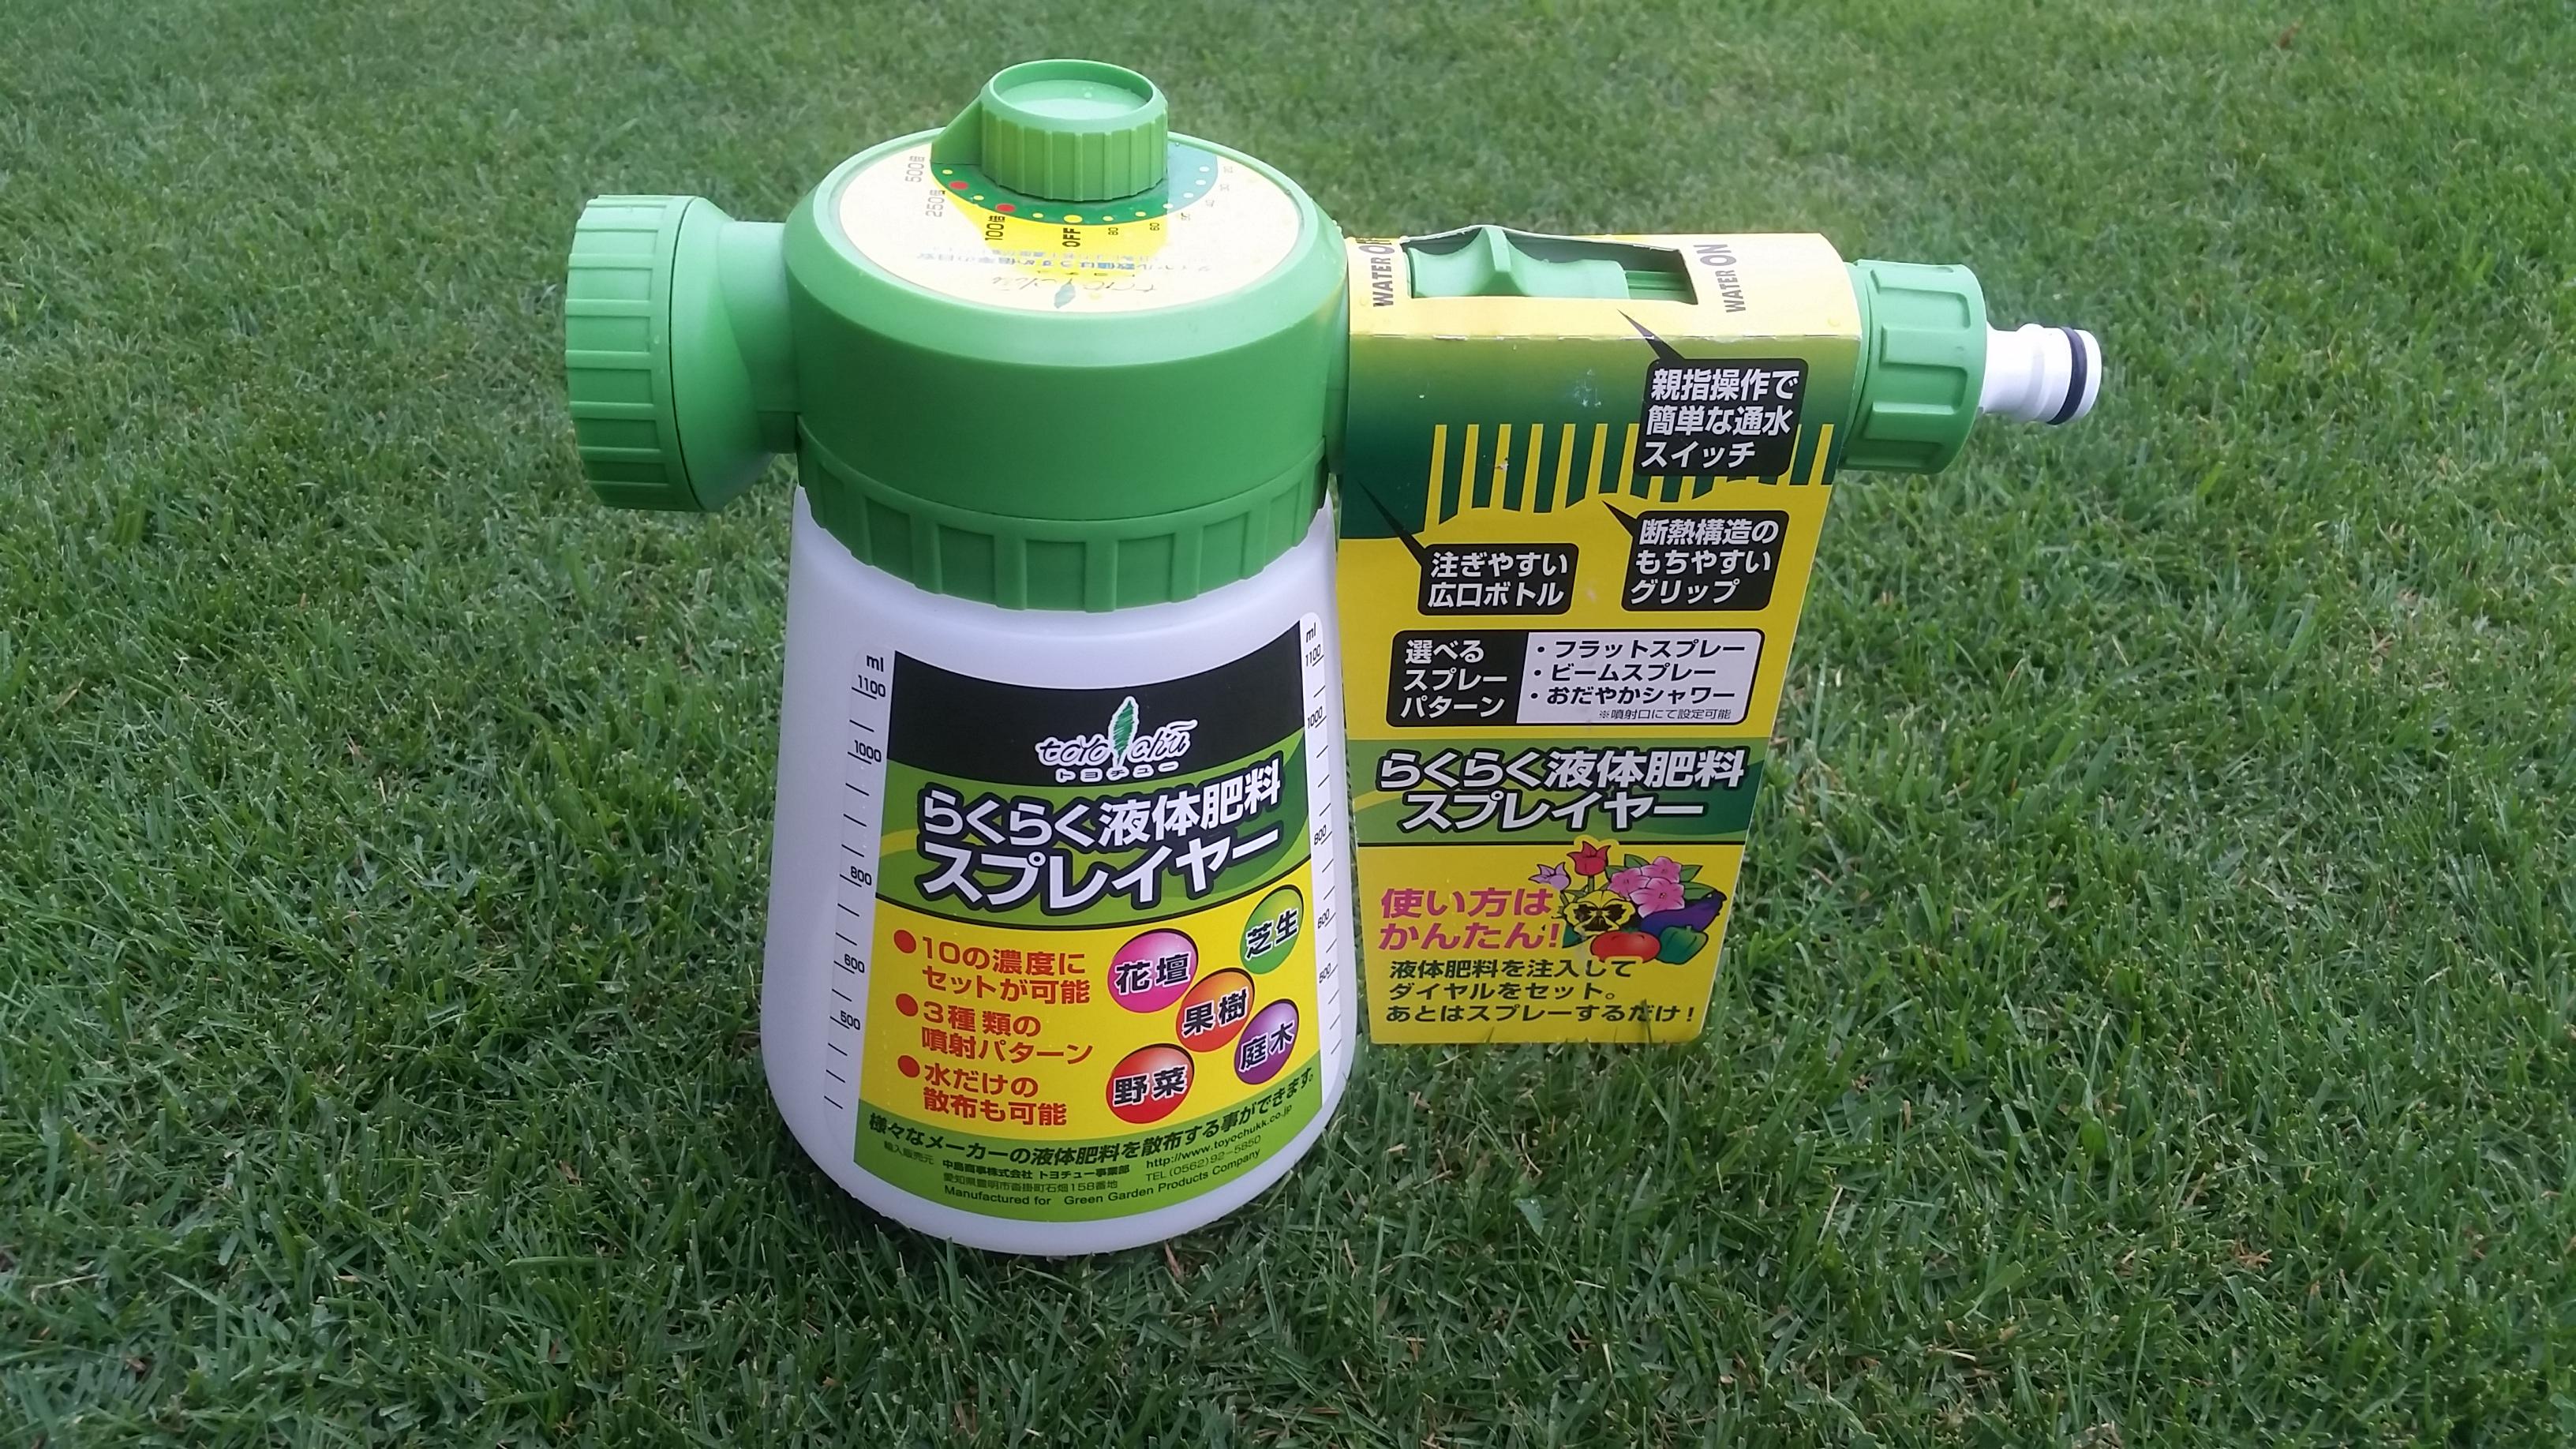 【レビュー】らくらく液体肥料スプレイヤーは芝生の手入れにおすすめ😃✨